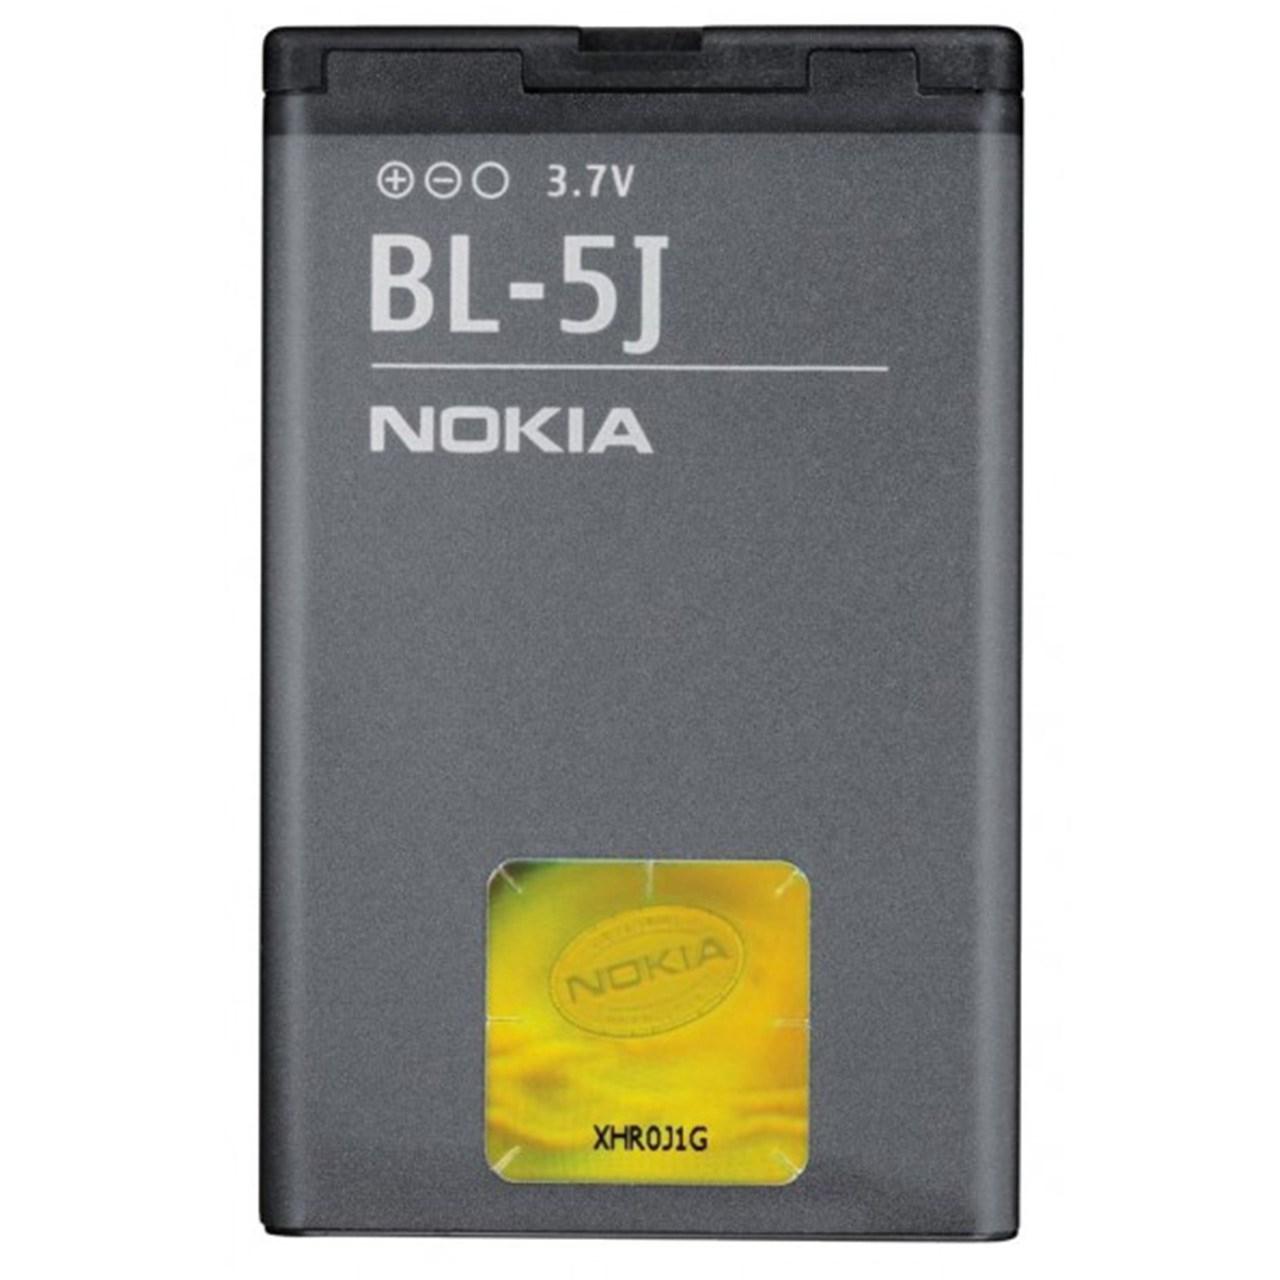 باتری موبایل مدل BL-5J  با ظرفیت 1320mAh مناسب برای گوشی موبایل نوکیا 5J